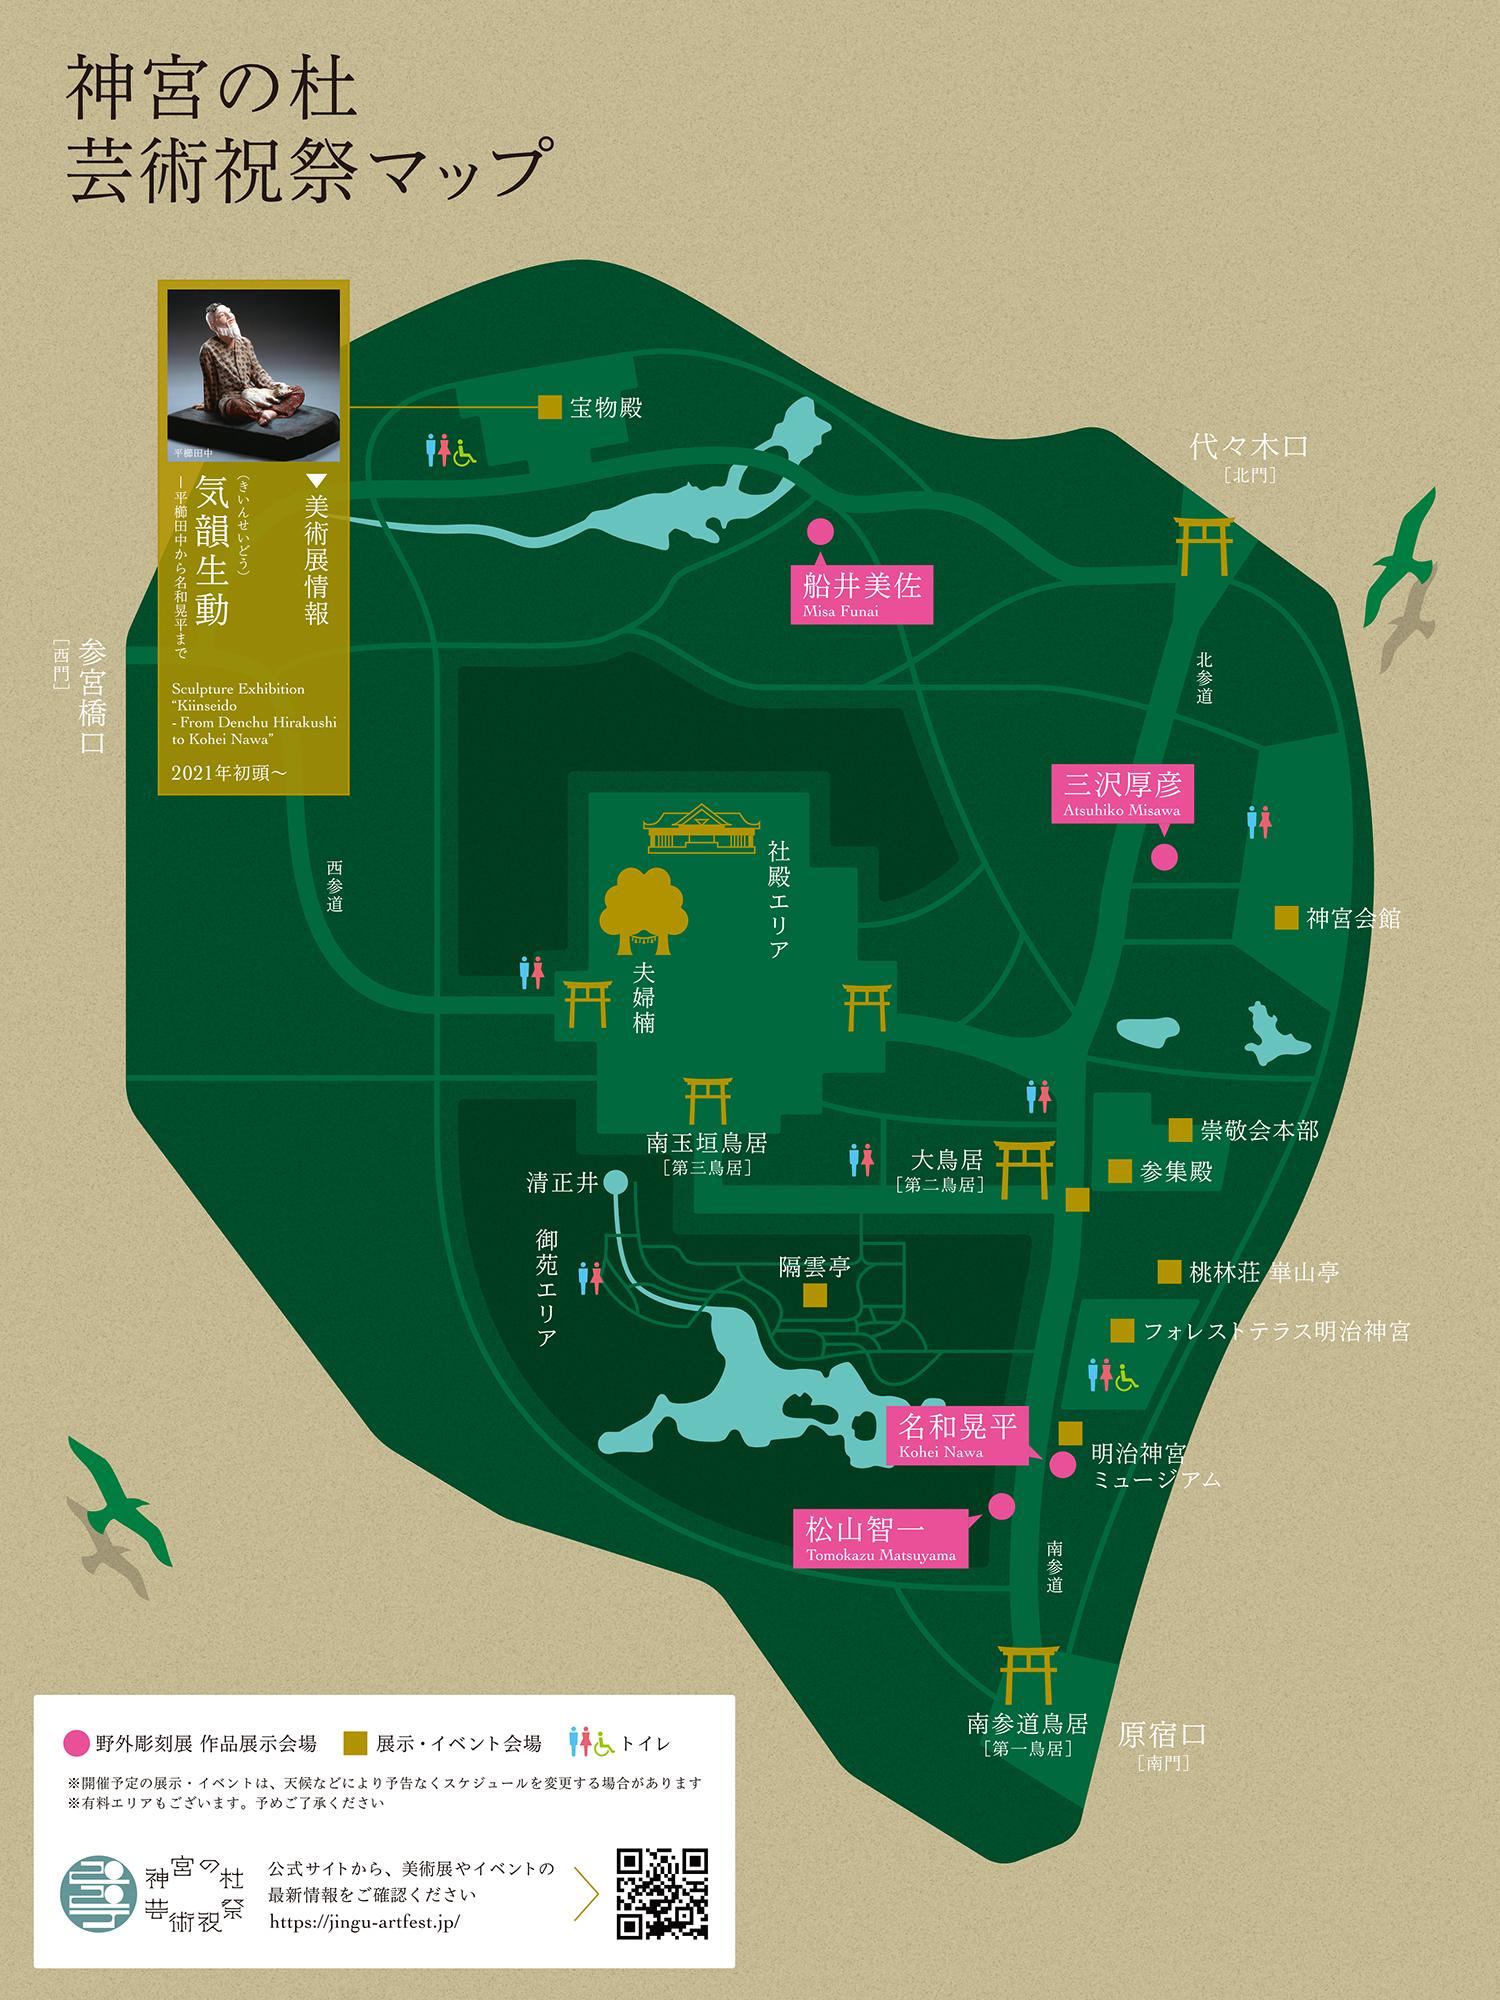 神宮の杜芸術祝祭マップ(気韻生動)